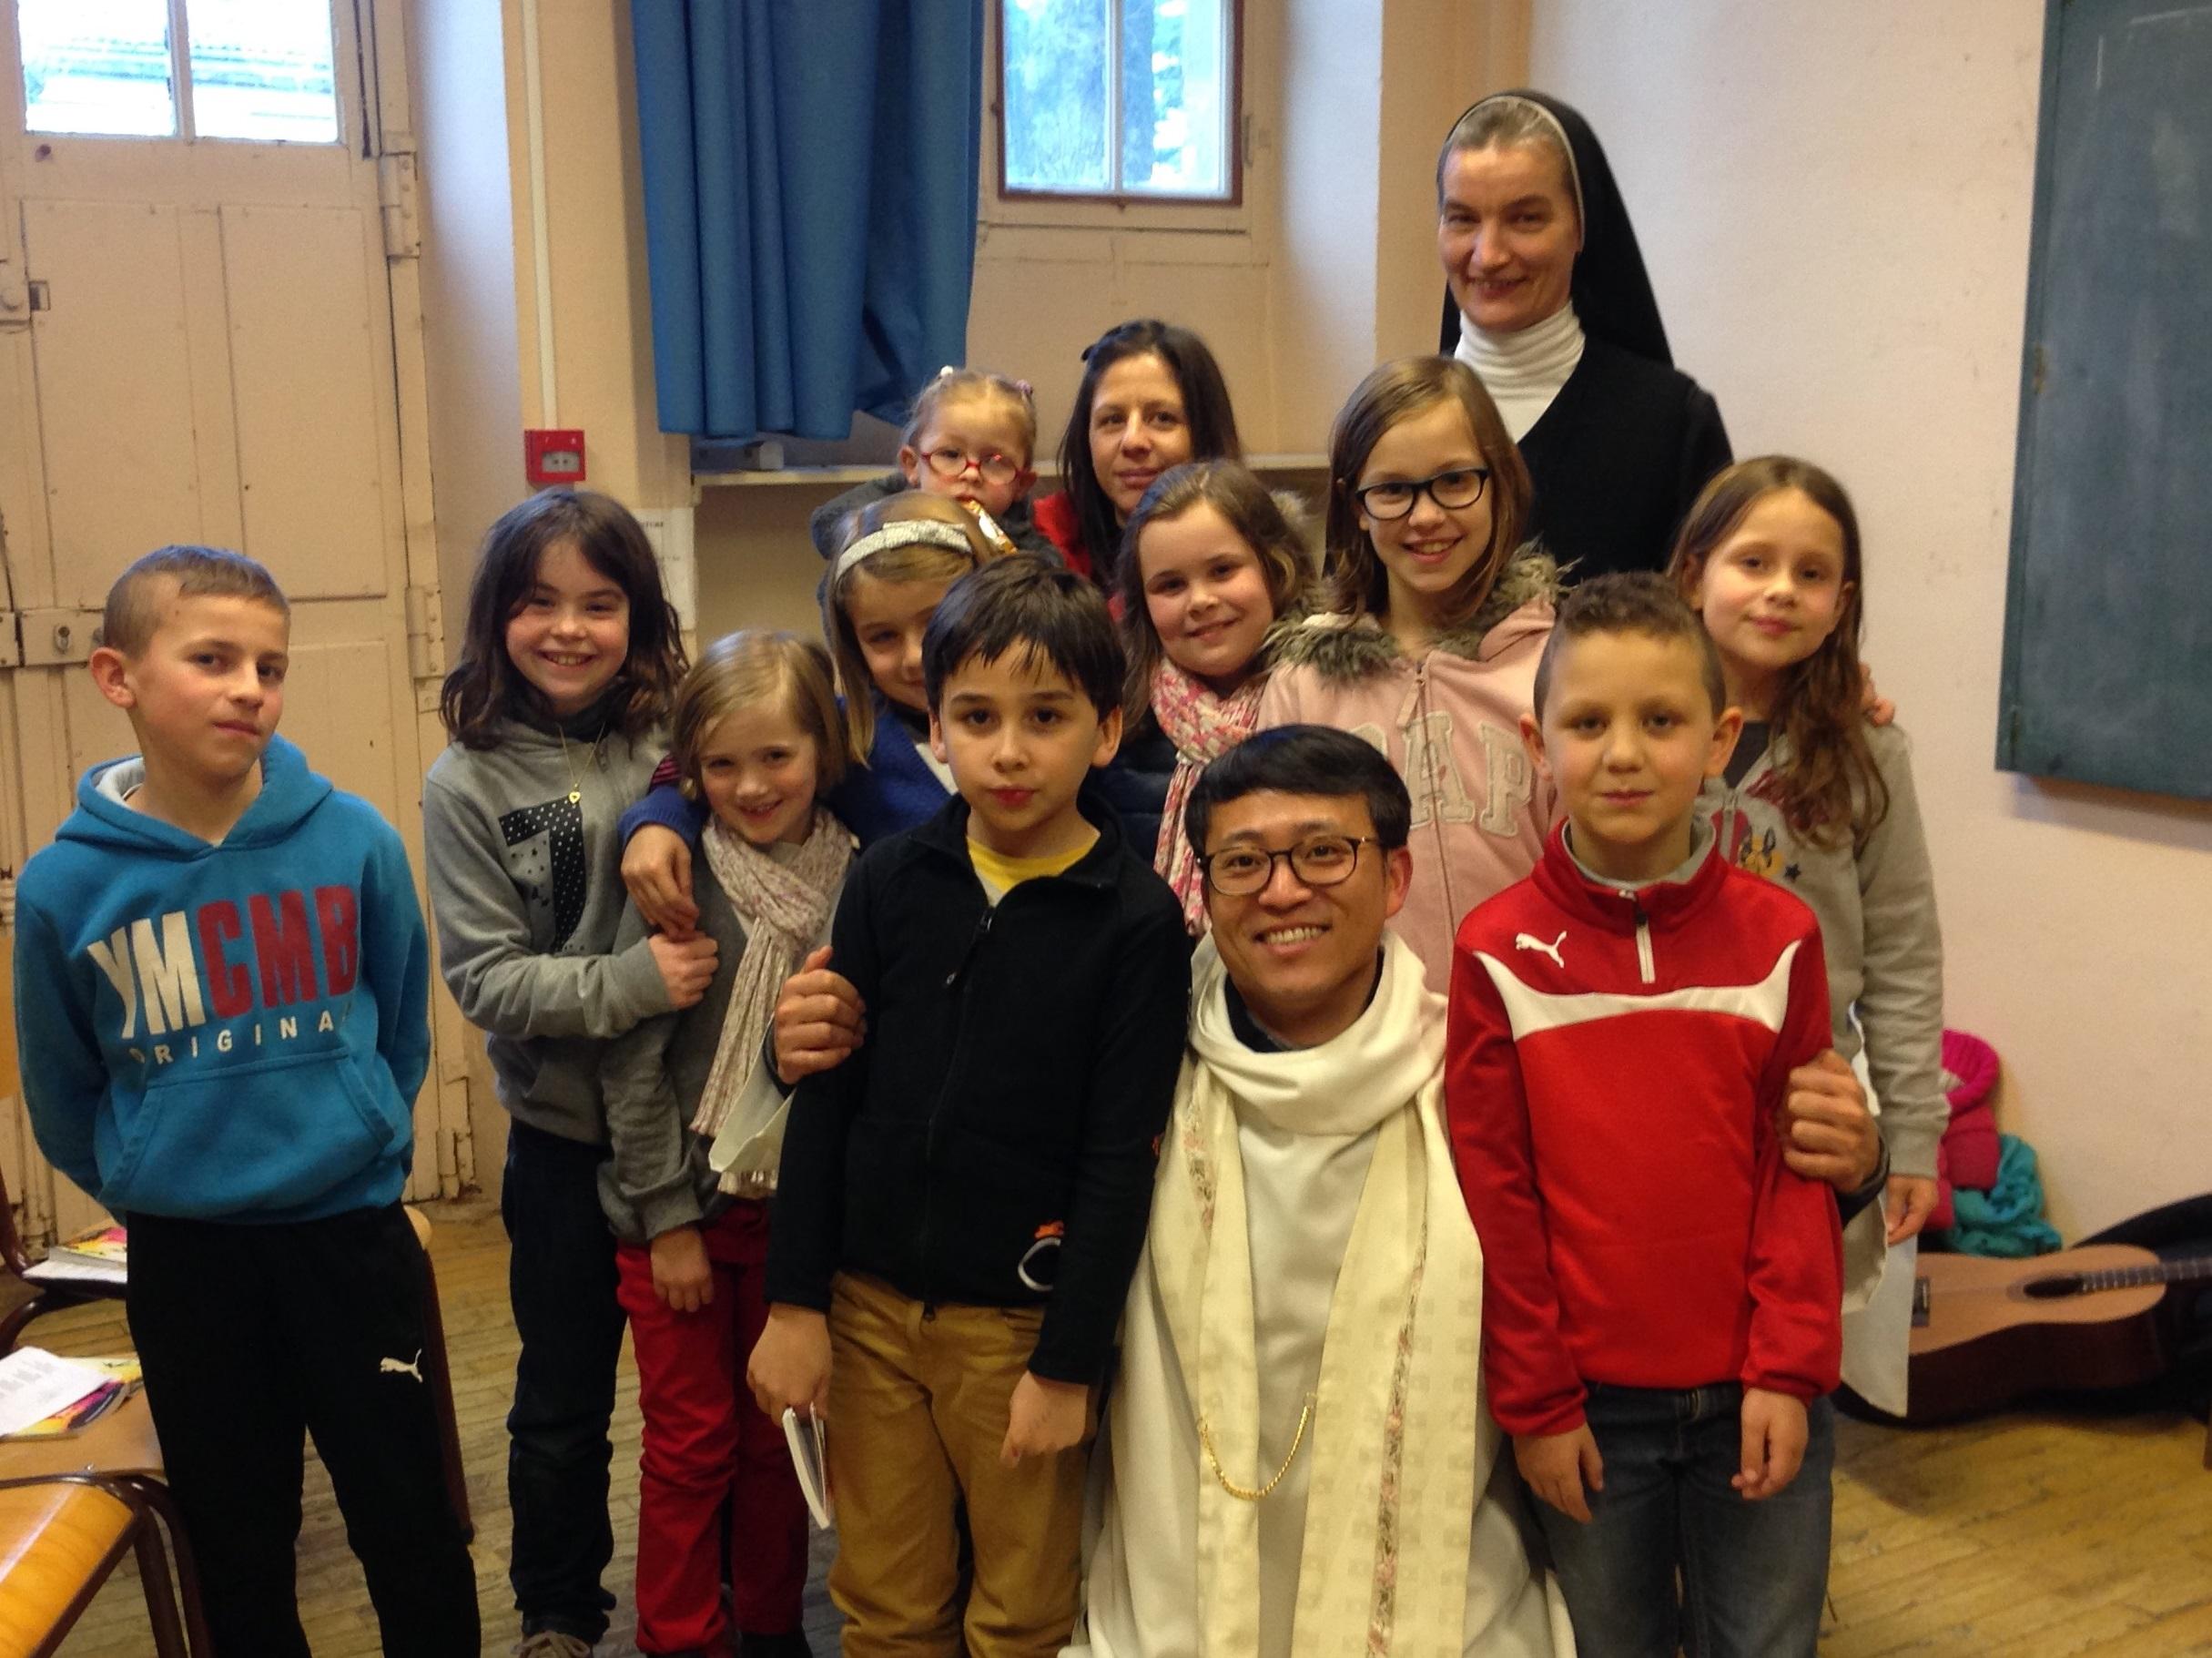 Témoignage d'un religieux coréen en mission en France - Le père jean-Bosco entouré d'enfants